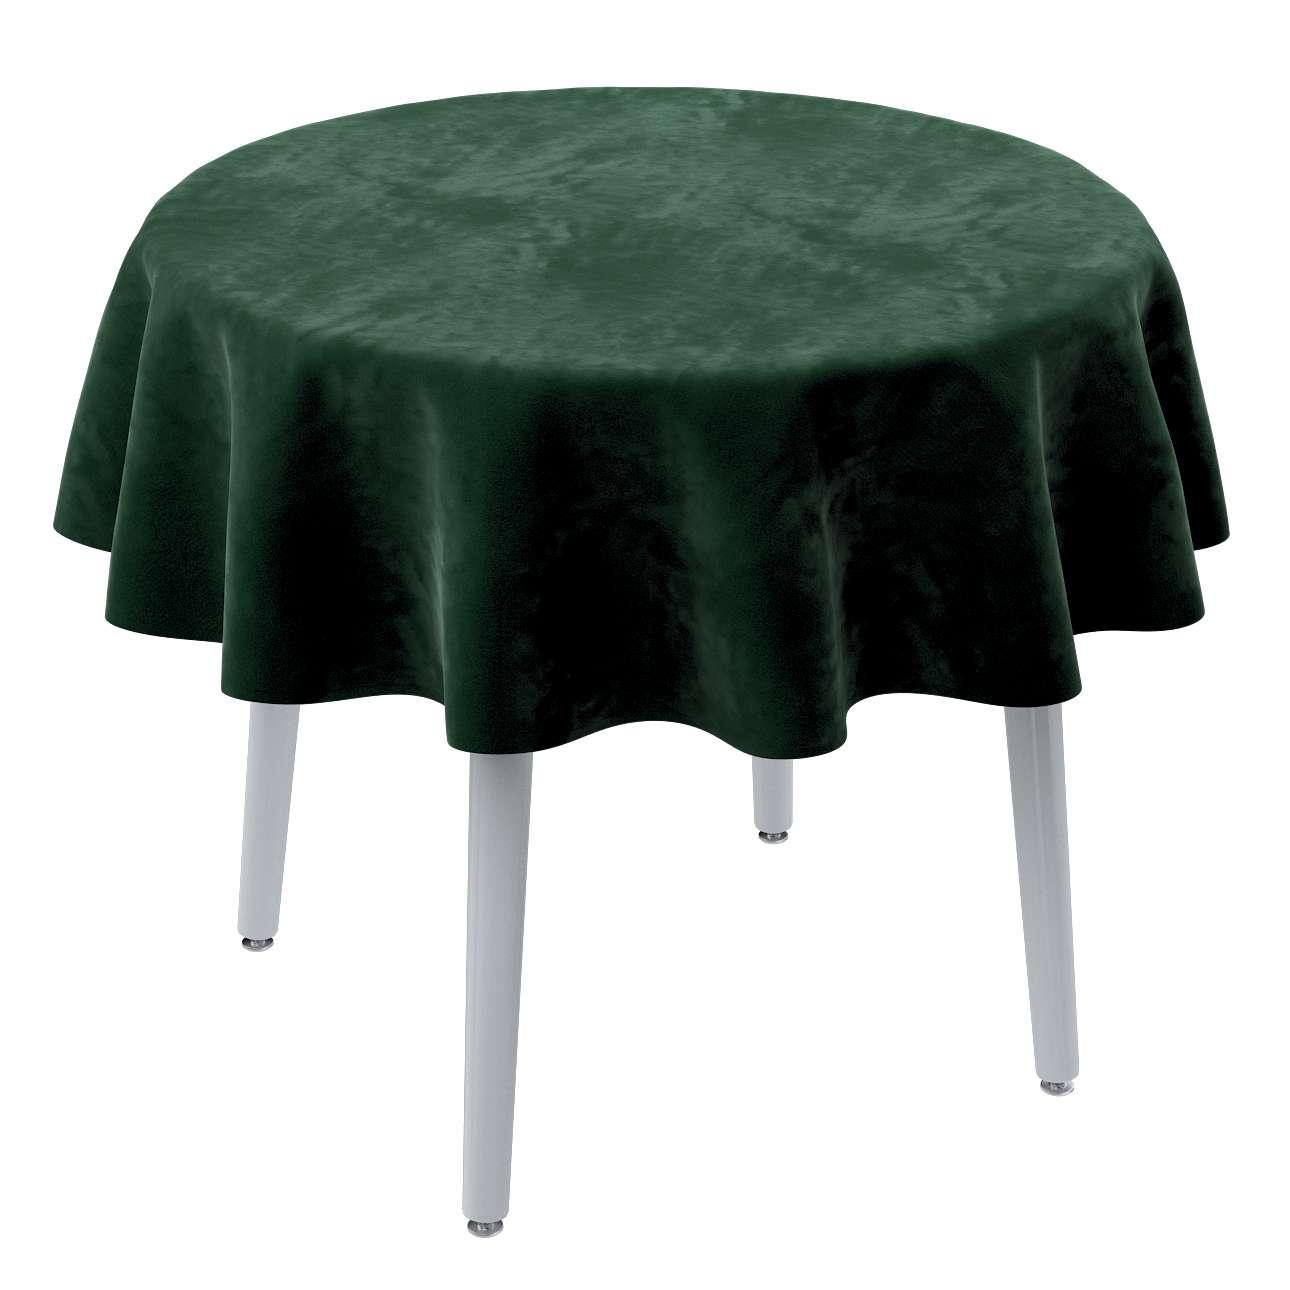 Staltiesės (apvaliam stalui) kolekcijoje Velvetas/Aksomas, audinys: 704-13